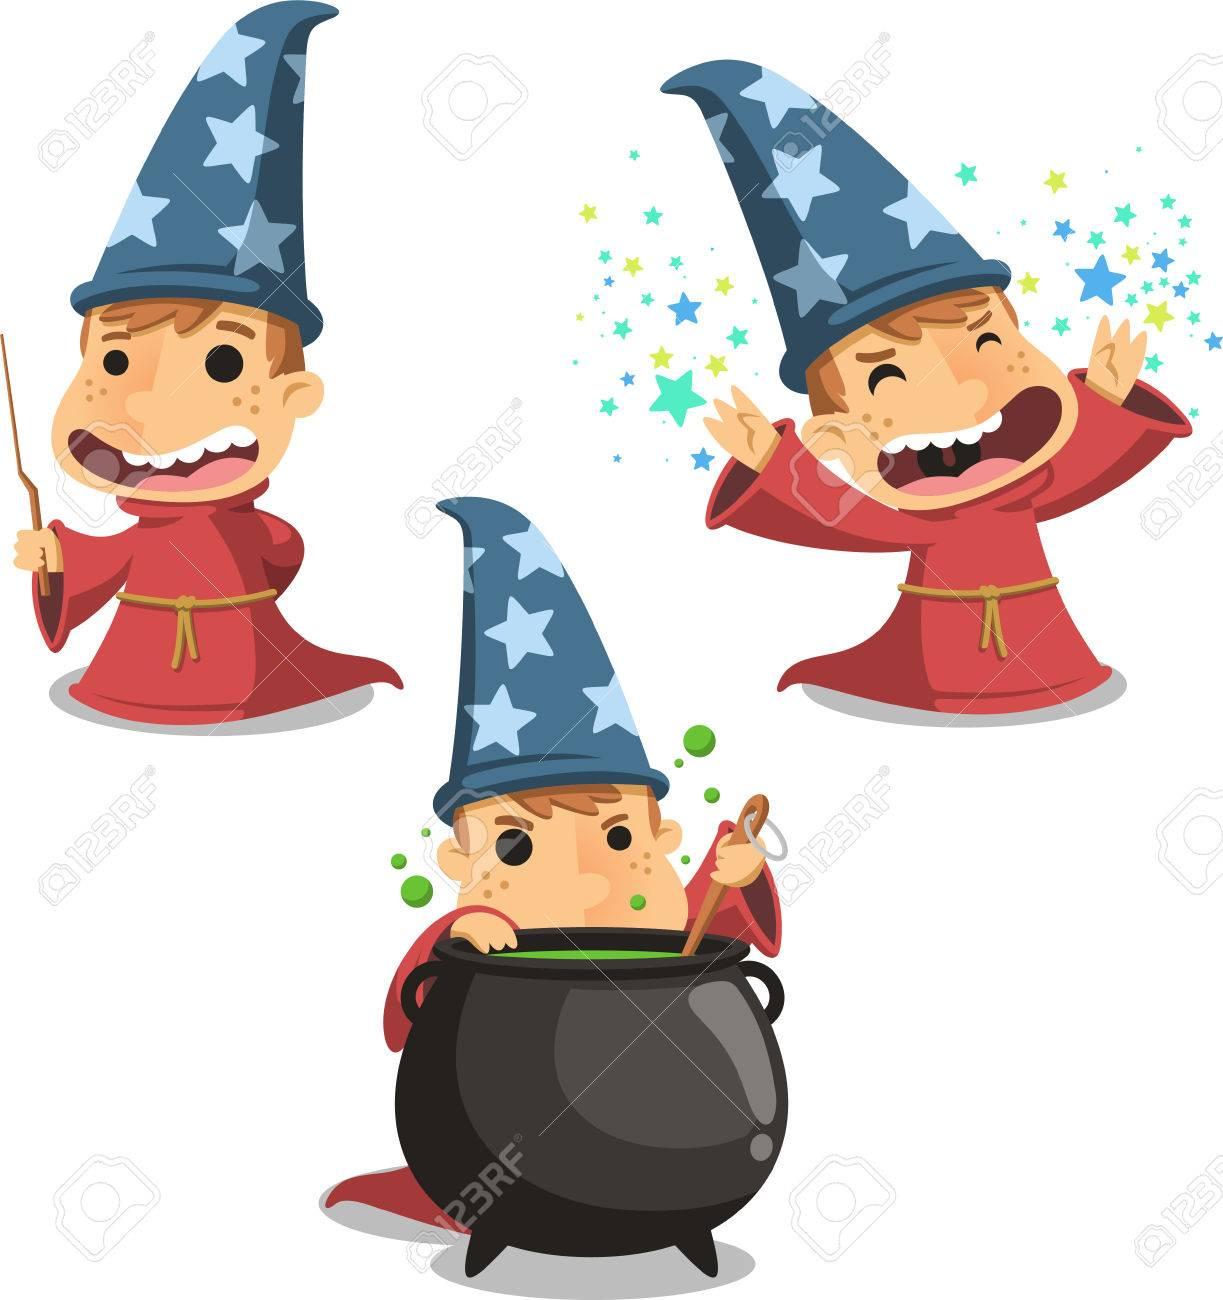 ウィザードの魔術師子ベクトル イラスト漫画のイラスト素材ベクタ